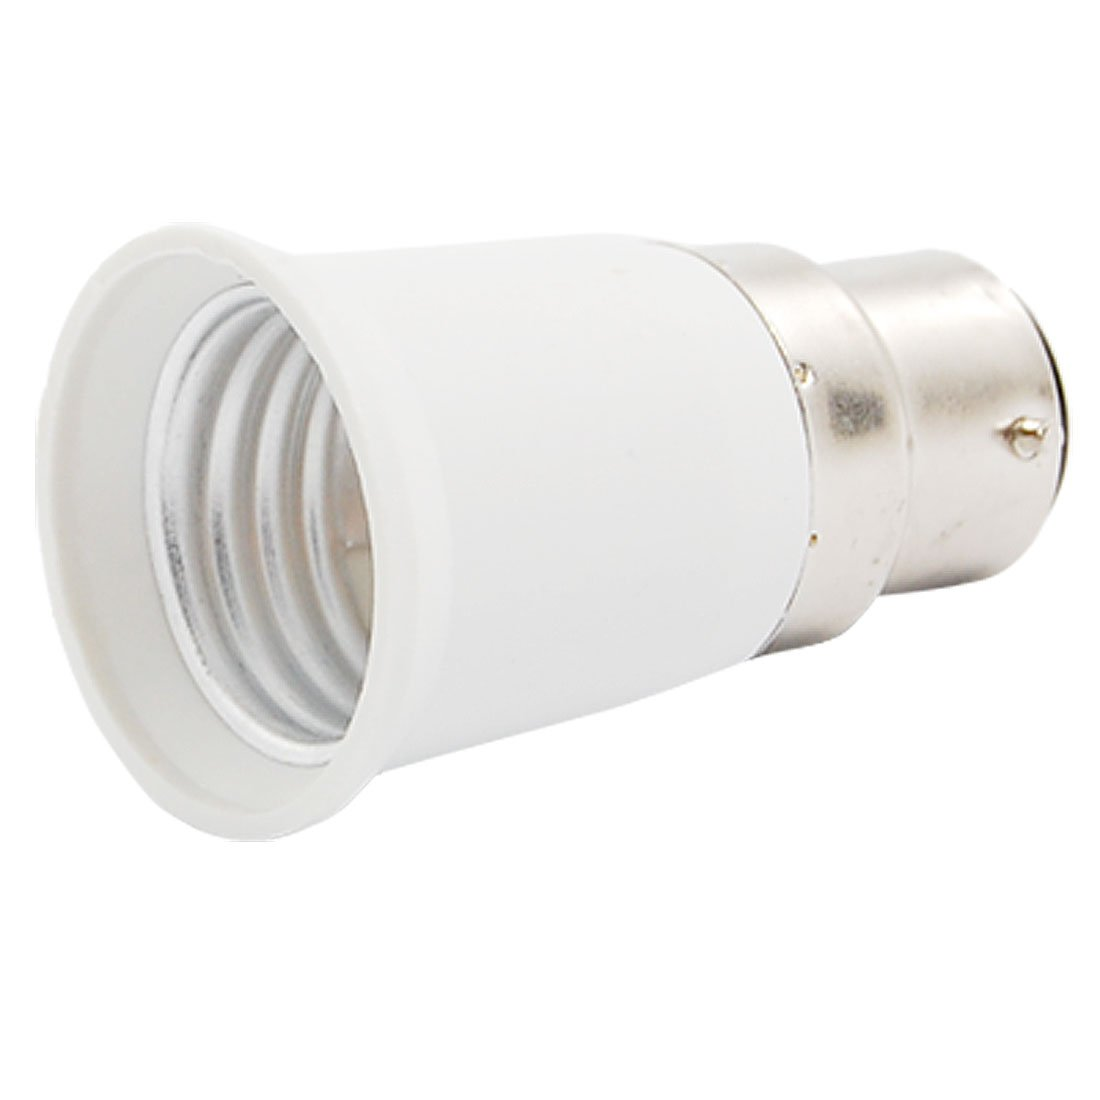 b22 vers e27 adaptateur de la douille de l 39 ampoule de lampe wt ebay. Black Bedroom Furniture Sets. Home Design Ideas